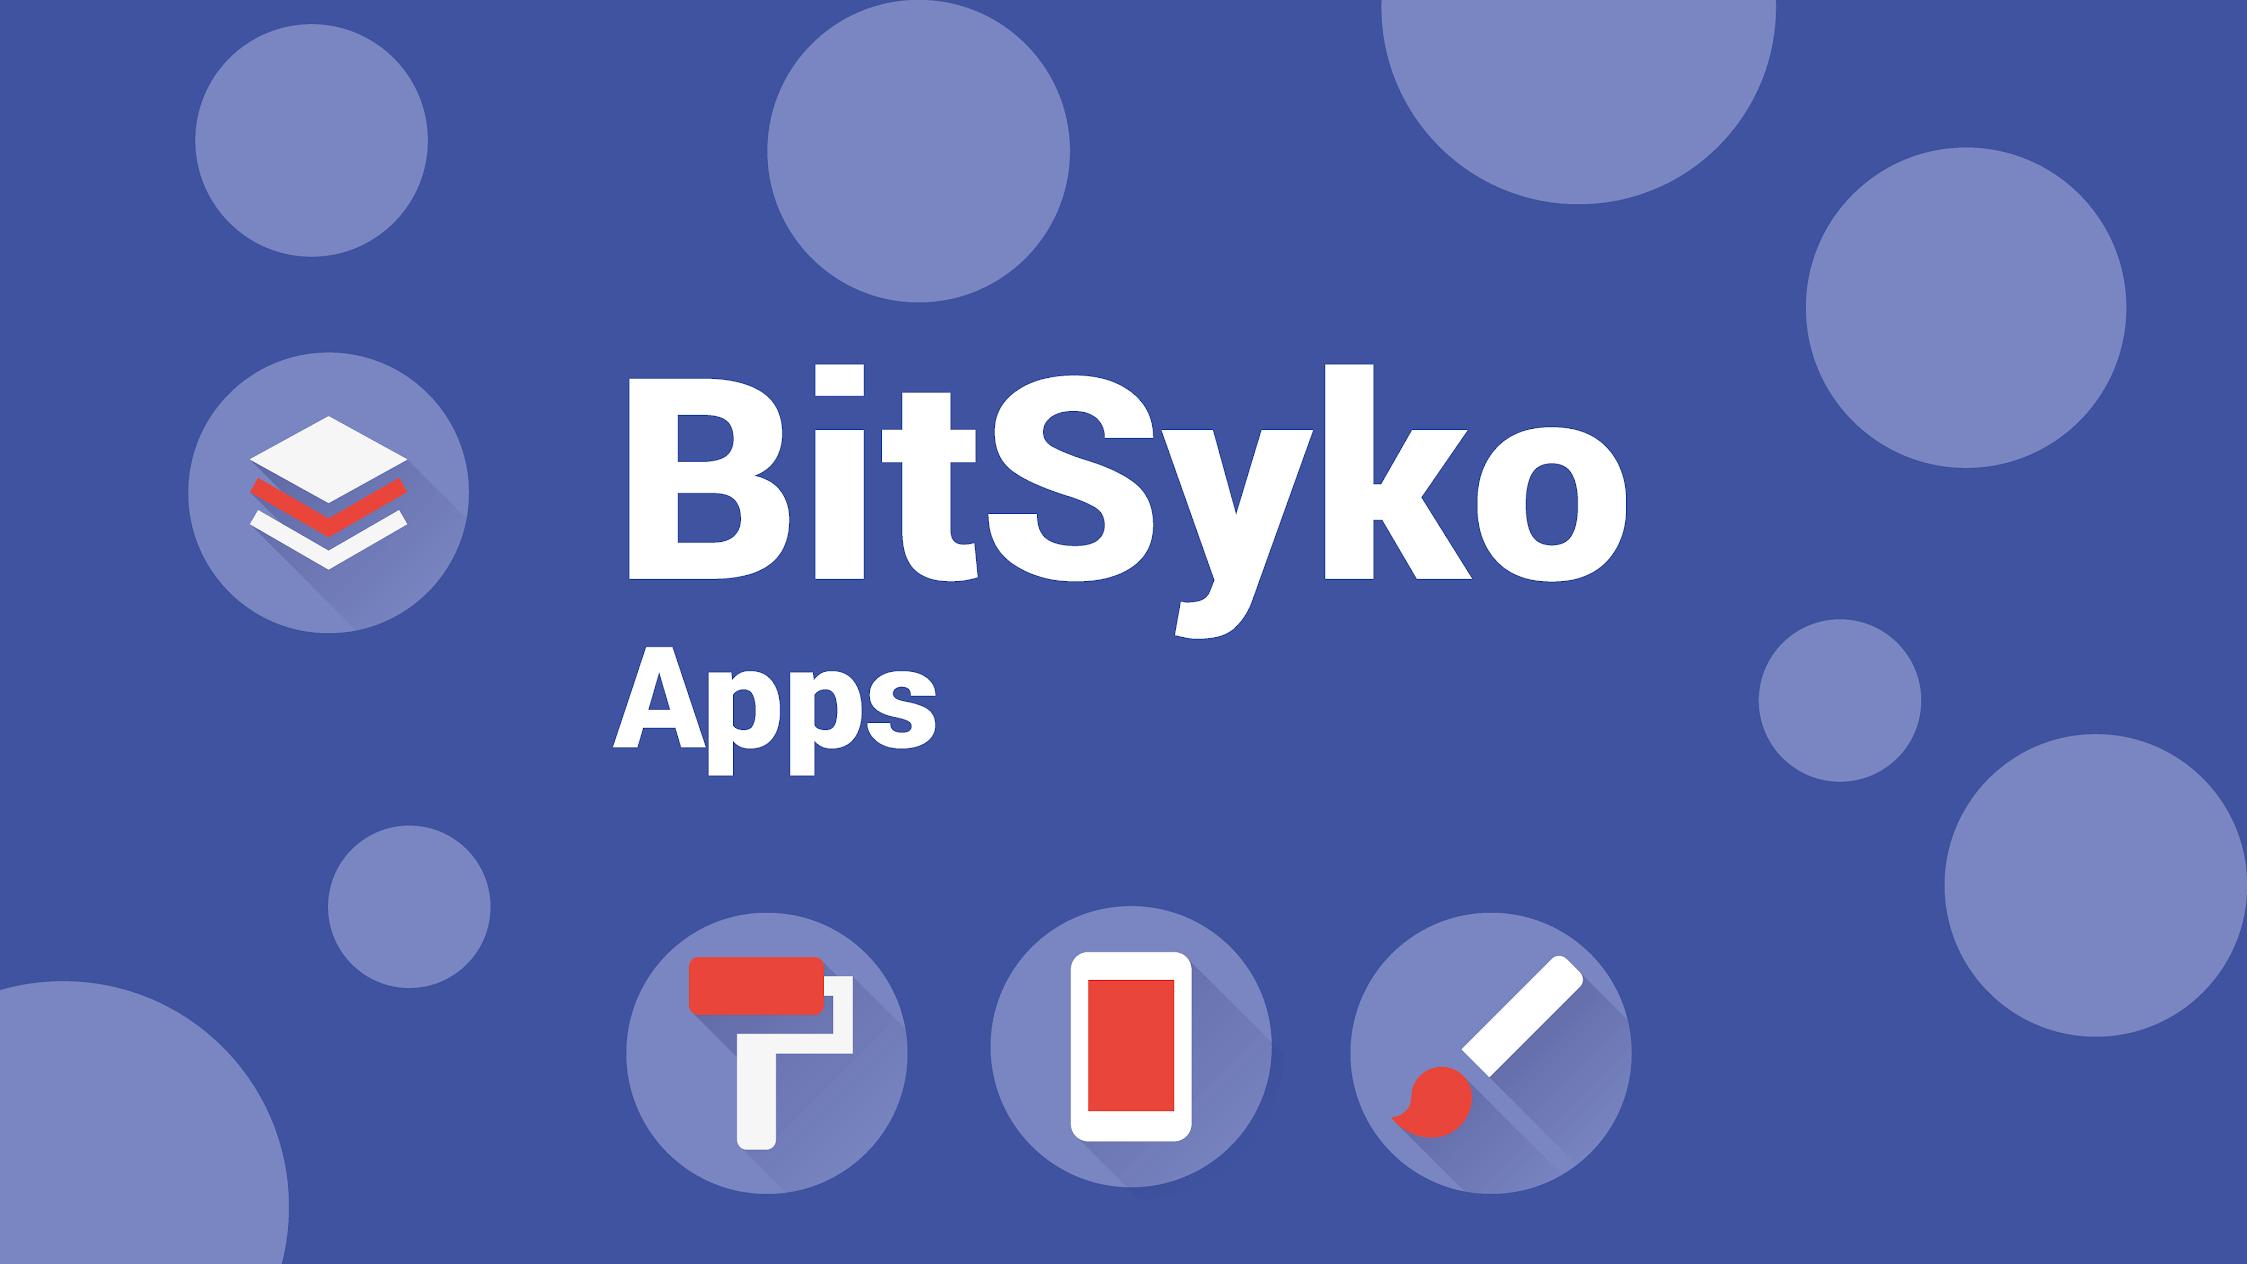 BitSyko Development